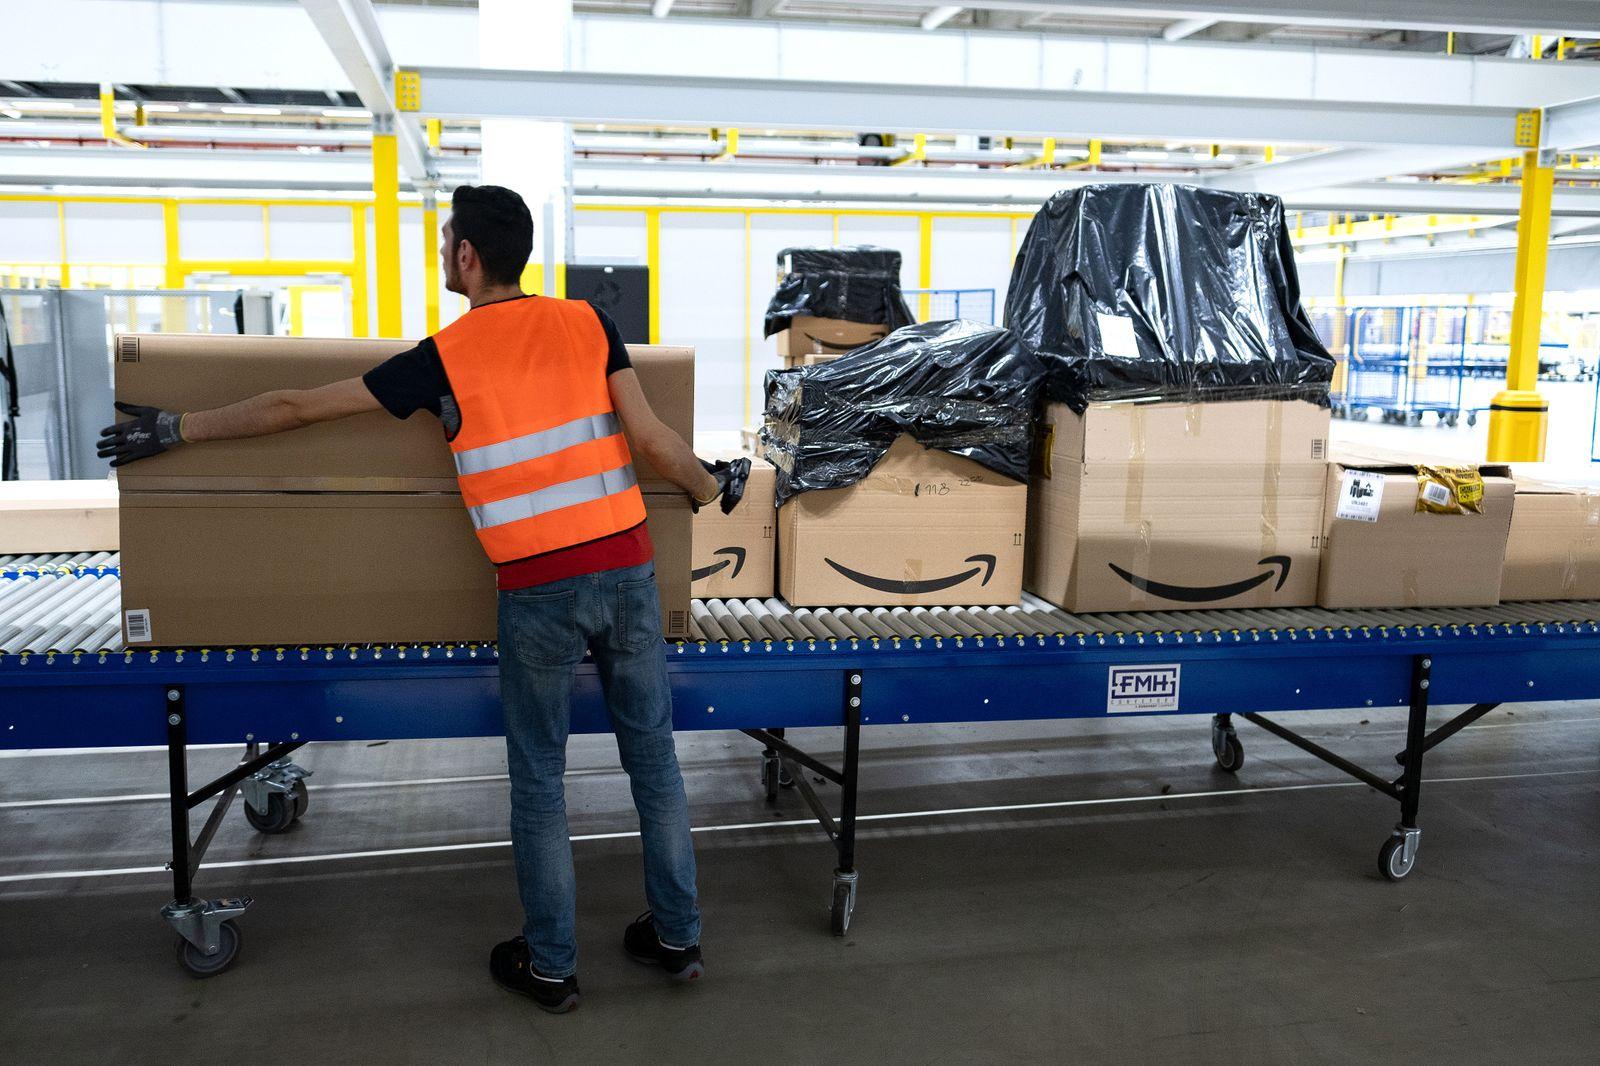 Er????ffnung eines neuen Amazon Sortierzentrums